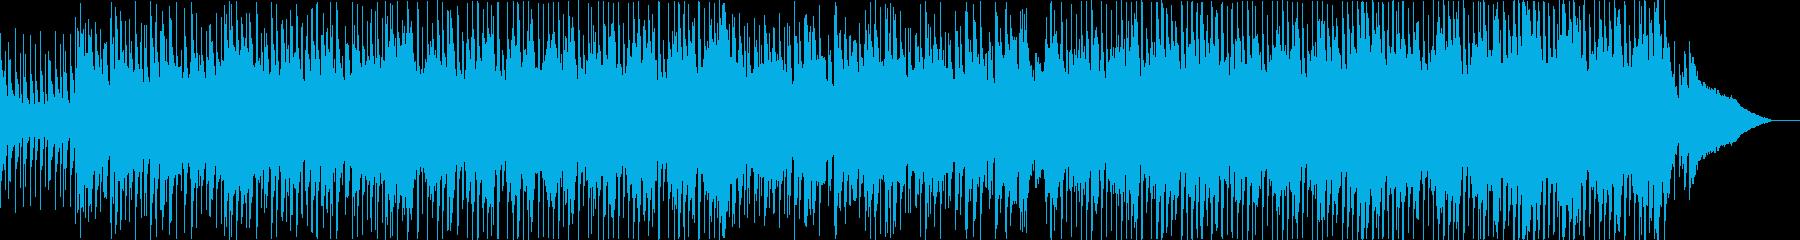 ピアノ、ギター、感動的なBGM、企業VPの再生済みの波形